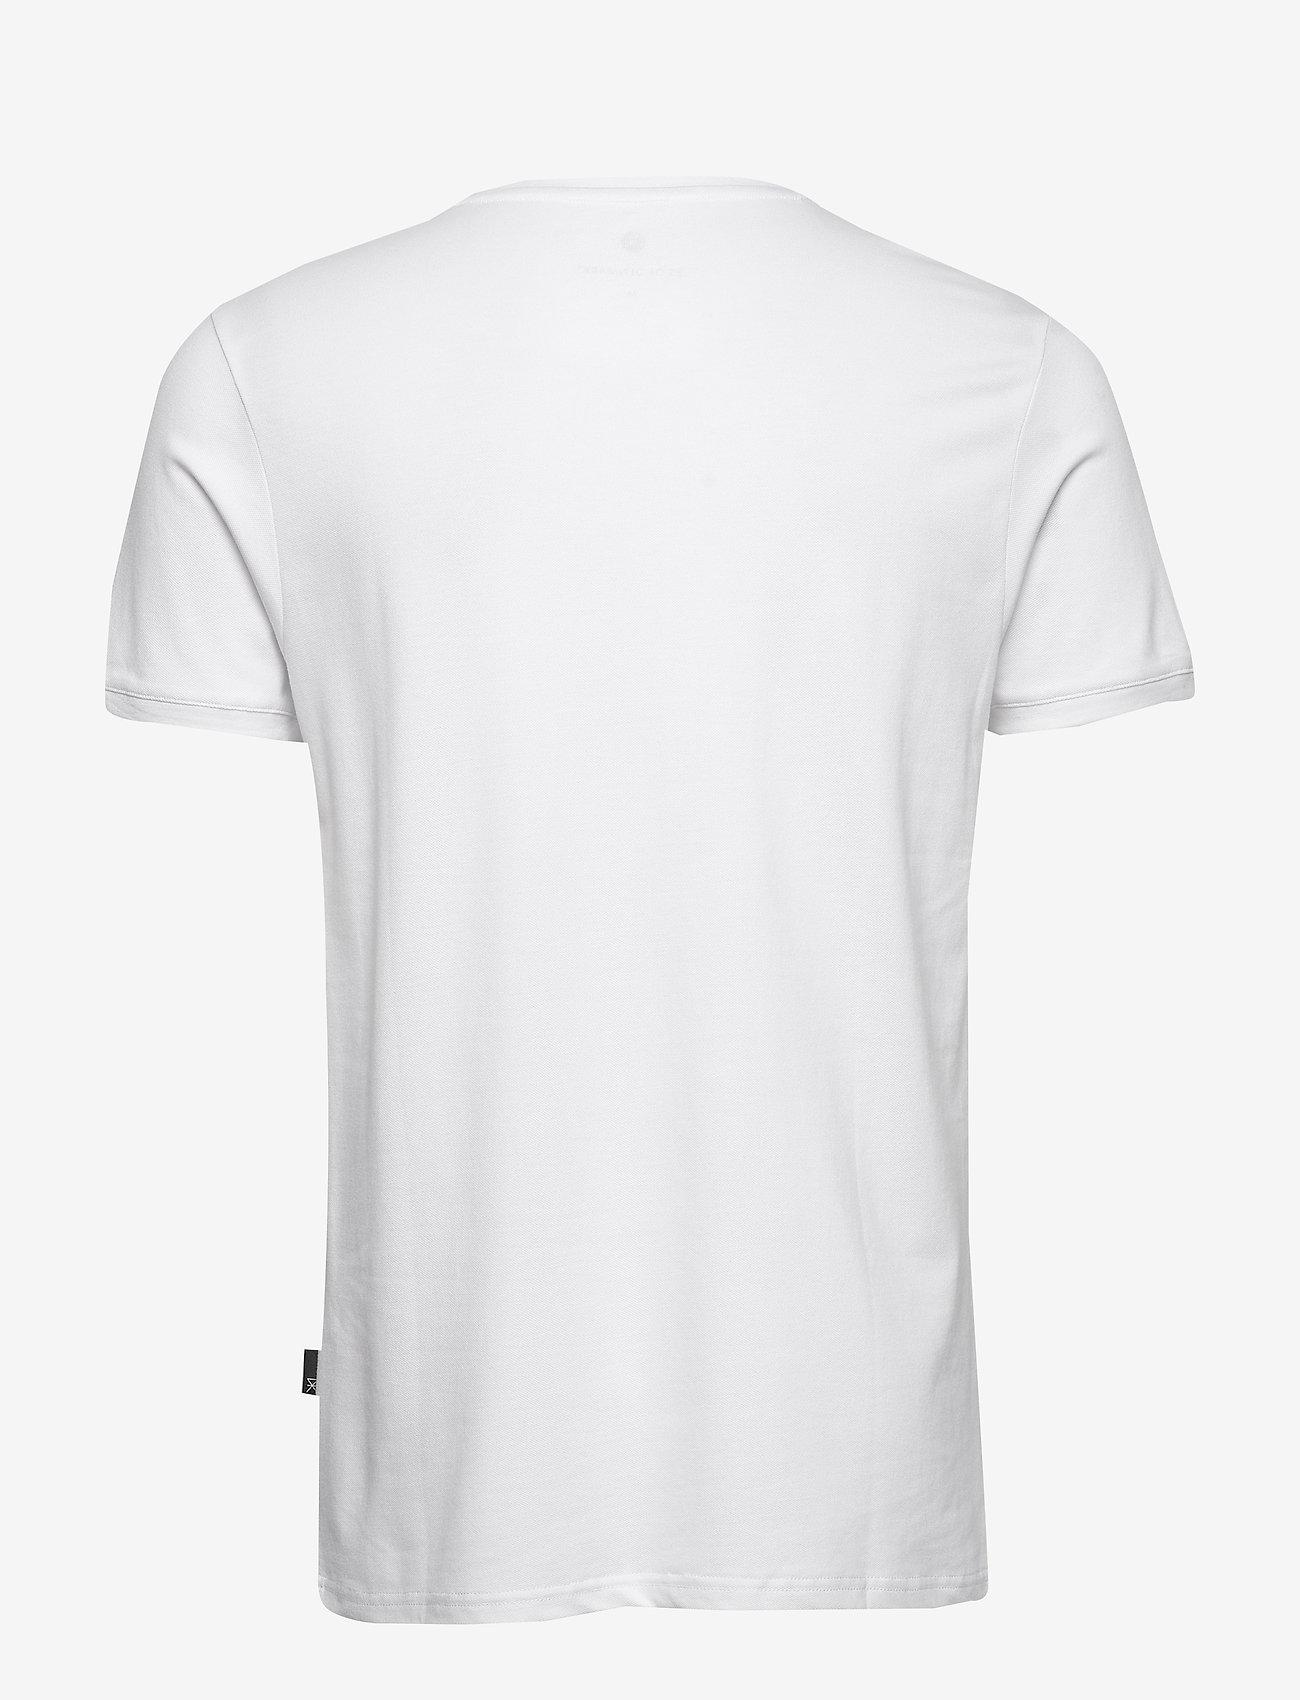 JBS of Denmark JBS of Denmark t-shirt pique - T-skjorter WHITE - Menn Klær